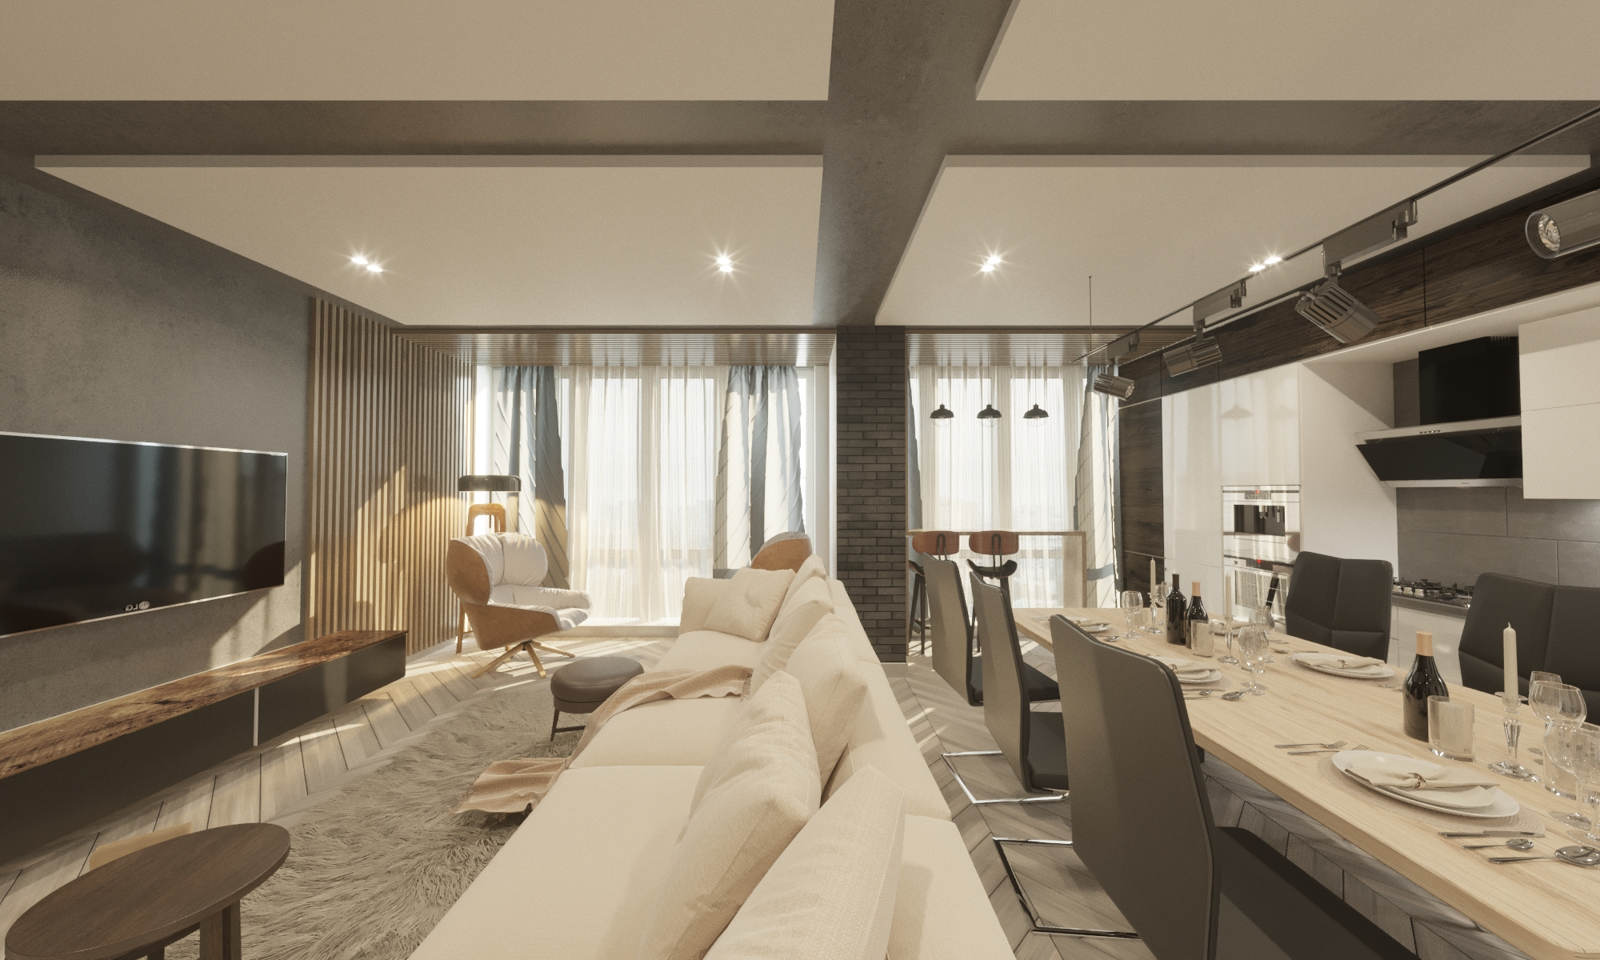 Дизайн кухни в квартире Киев современный стиль, гостиная